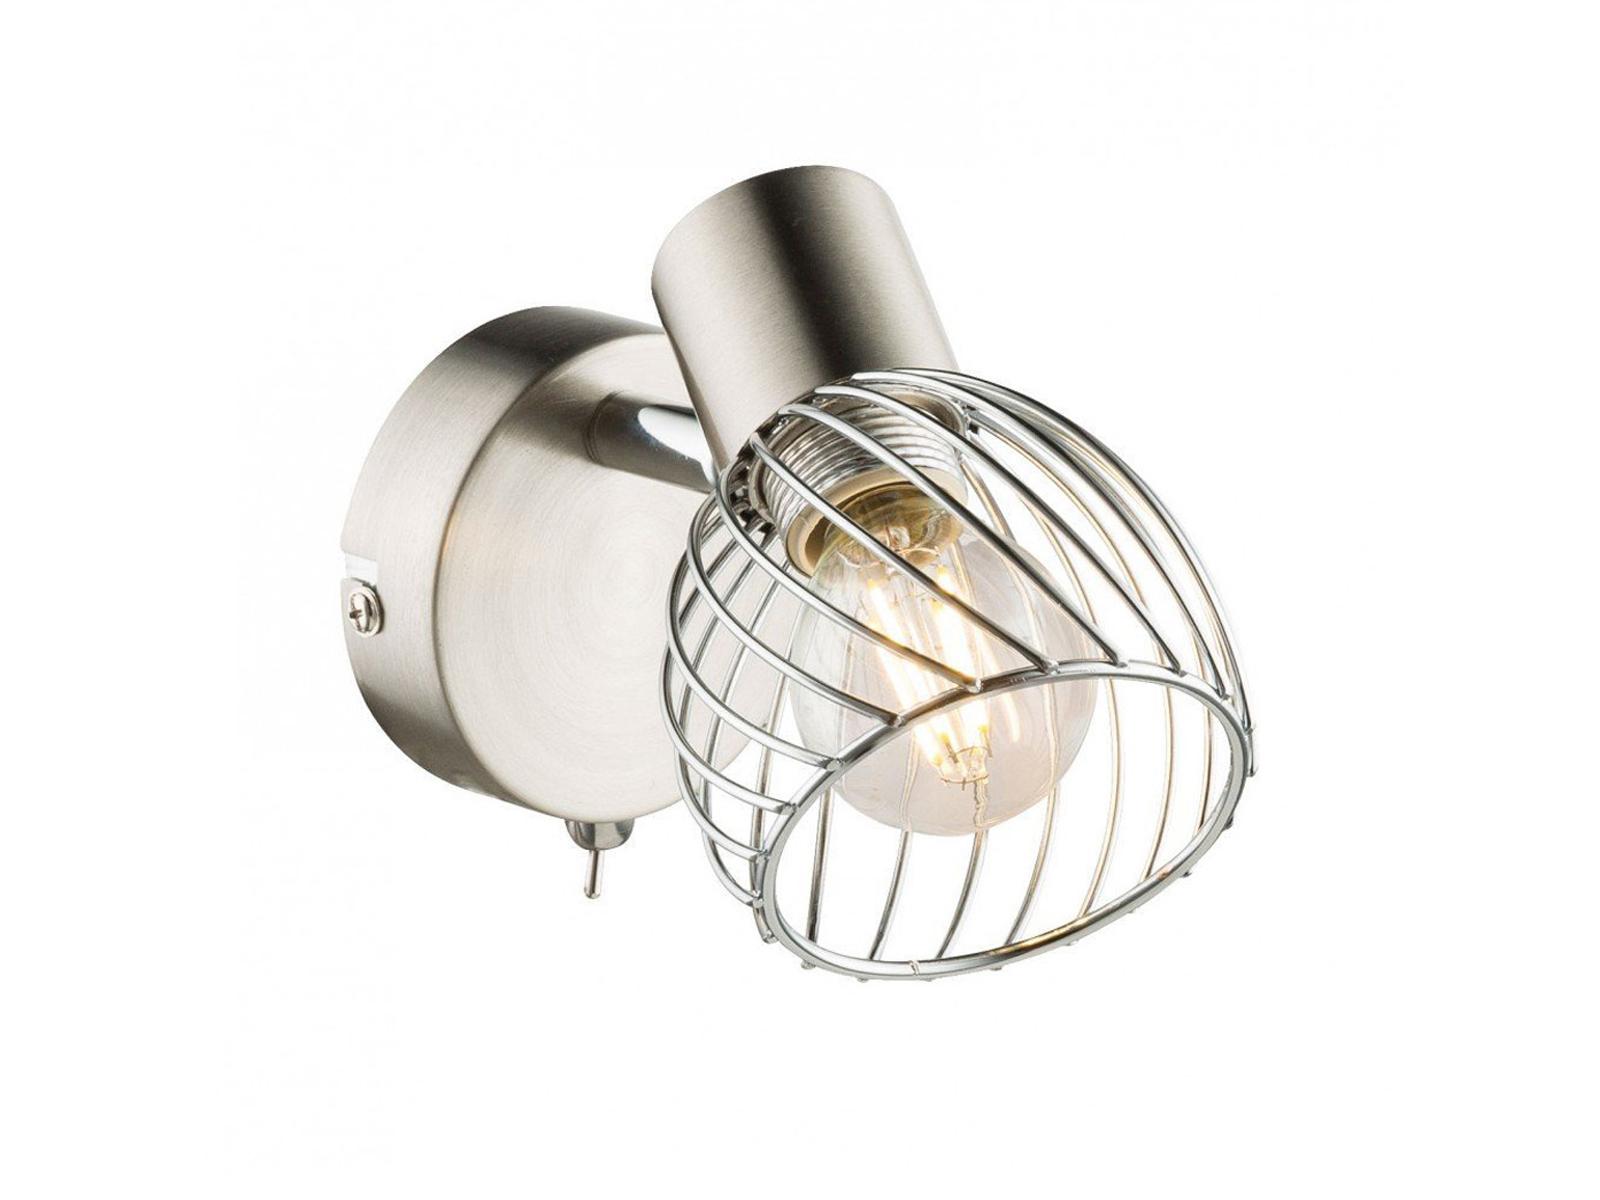 Wandstrahler Leselampe Wohnzimmer Flur Design Wandlampe schwenkbar mit Schalter